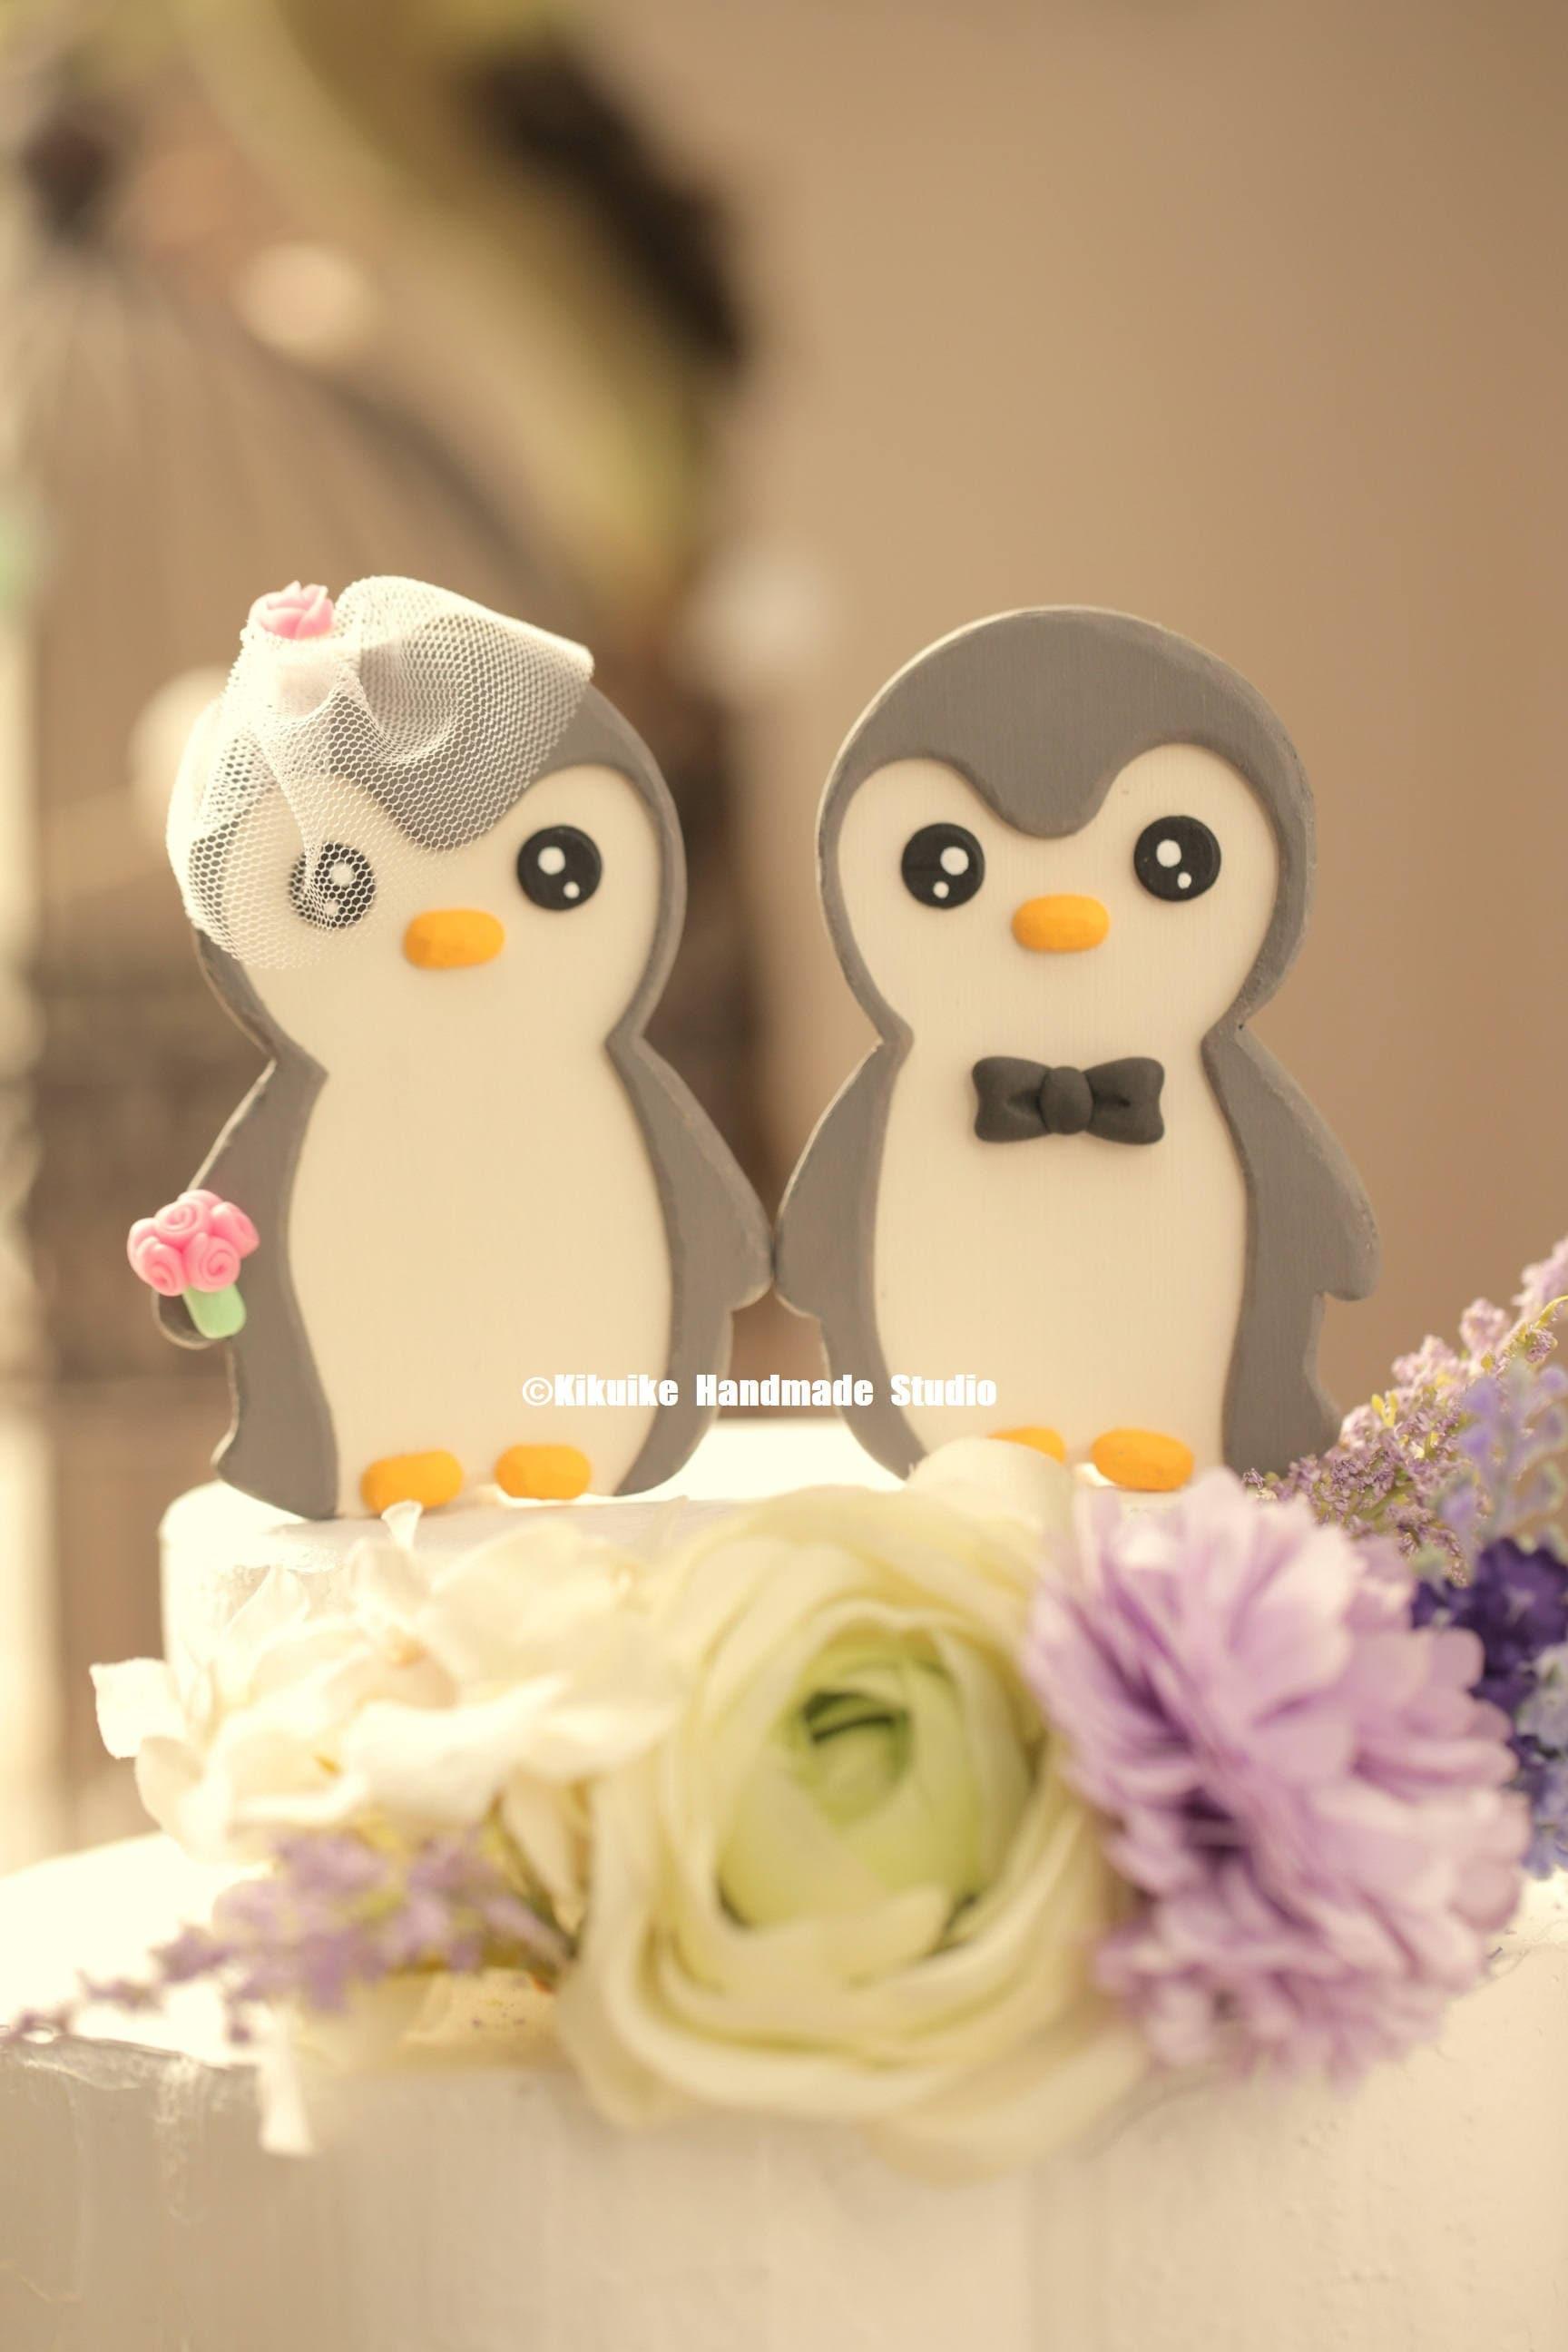 penguins wedding cake topper Handmade penguins cake